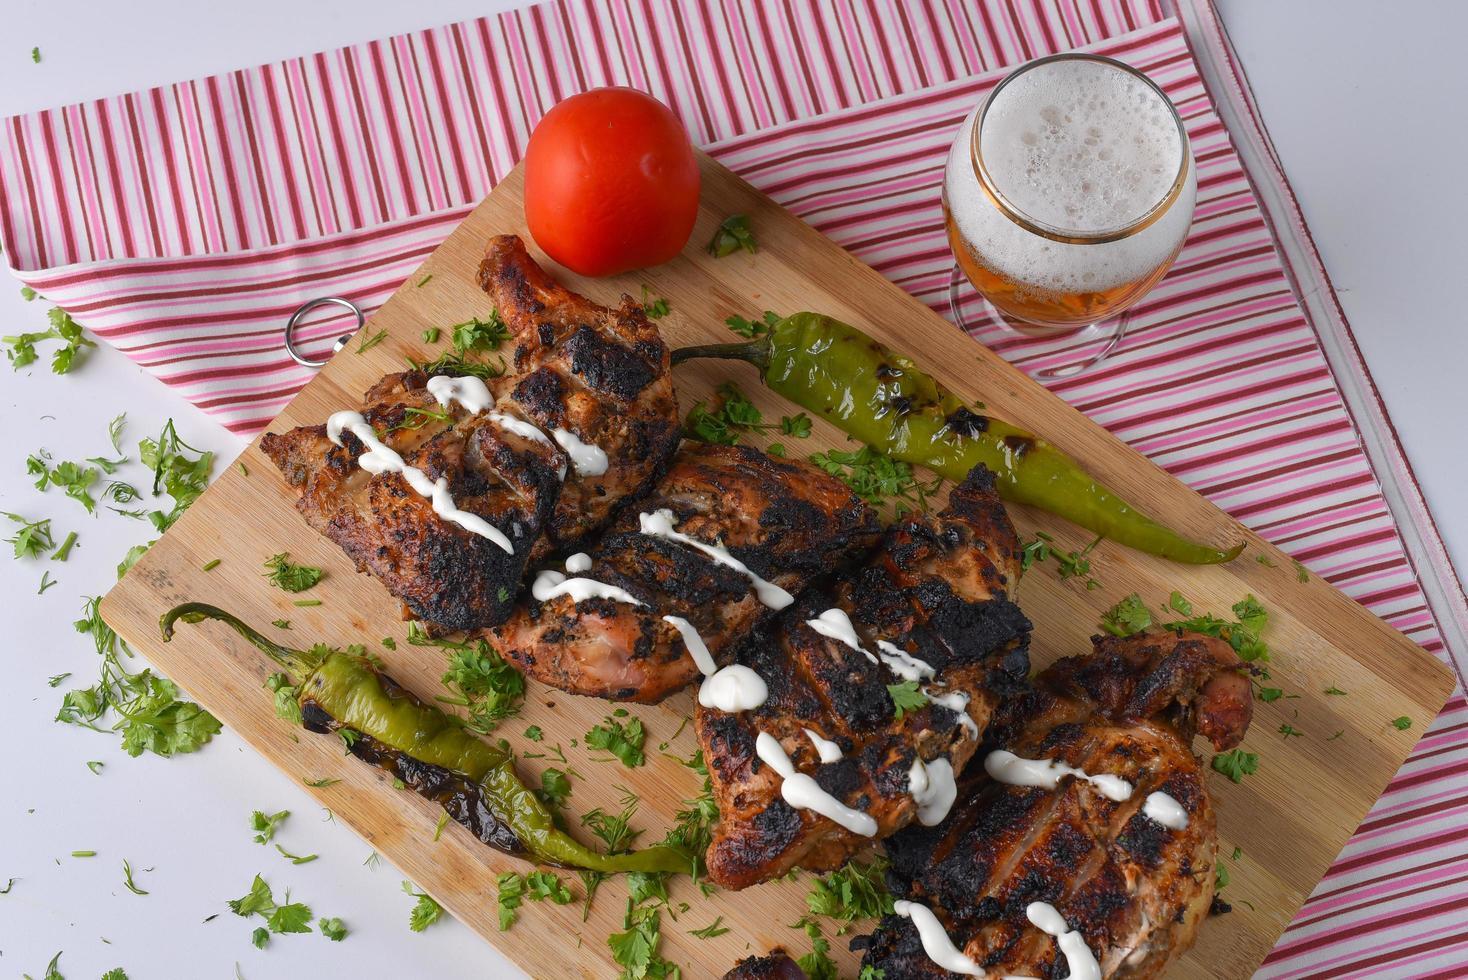 poulet grillé et accompagnements photo